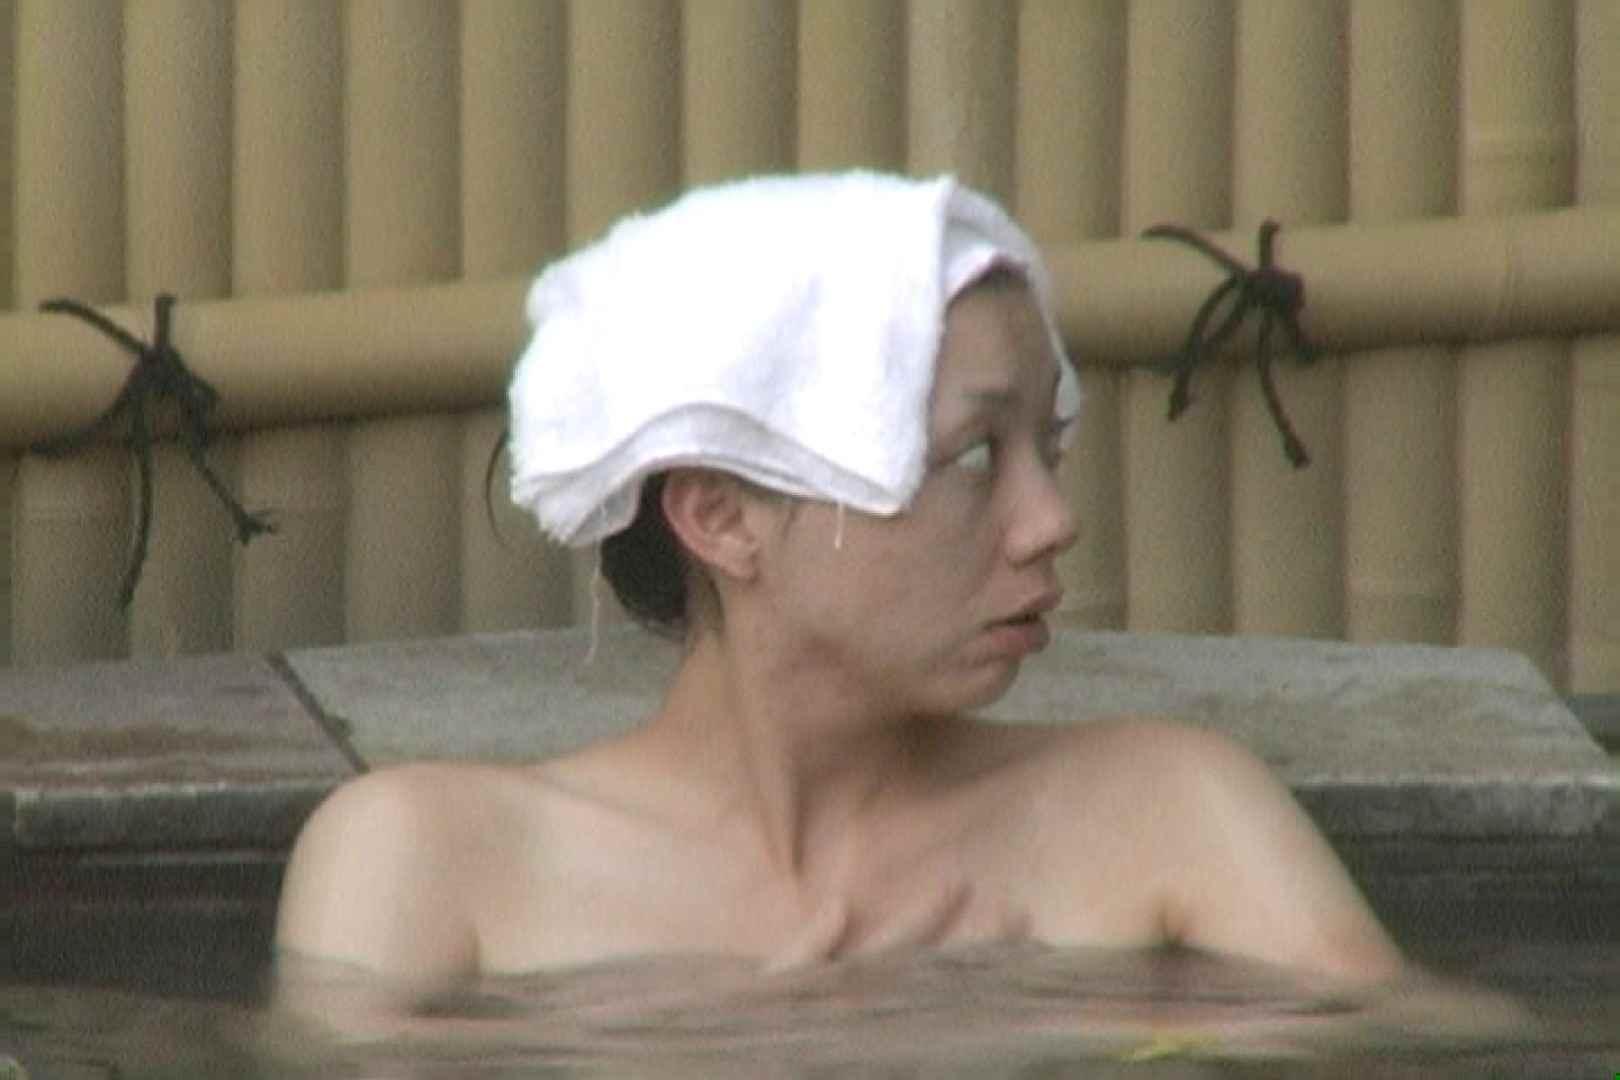 Aquaな露天風呂Vol.630 OLエロ画像 | 盗撮  110PICs 73